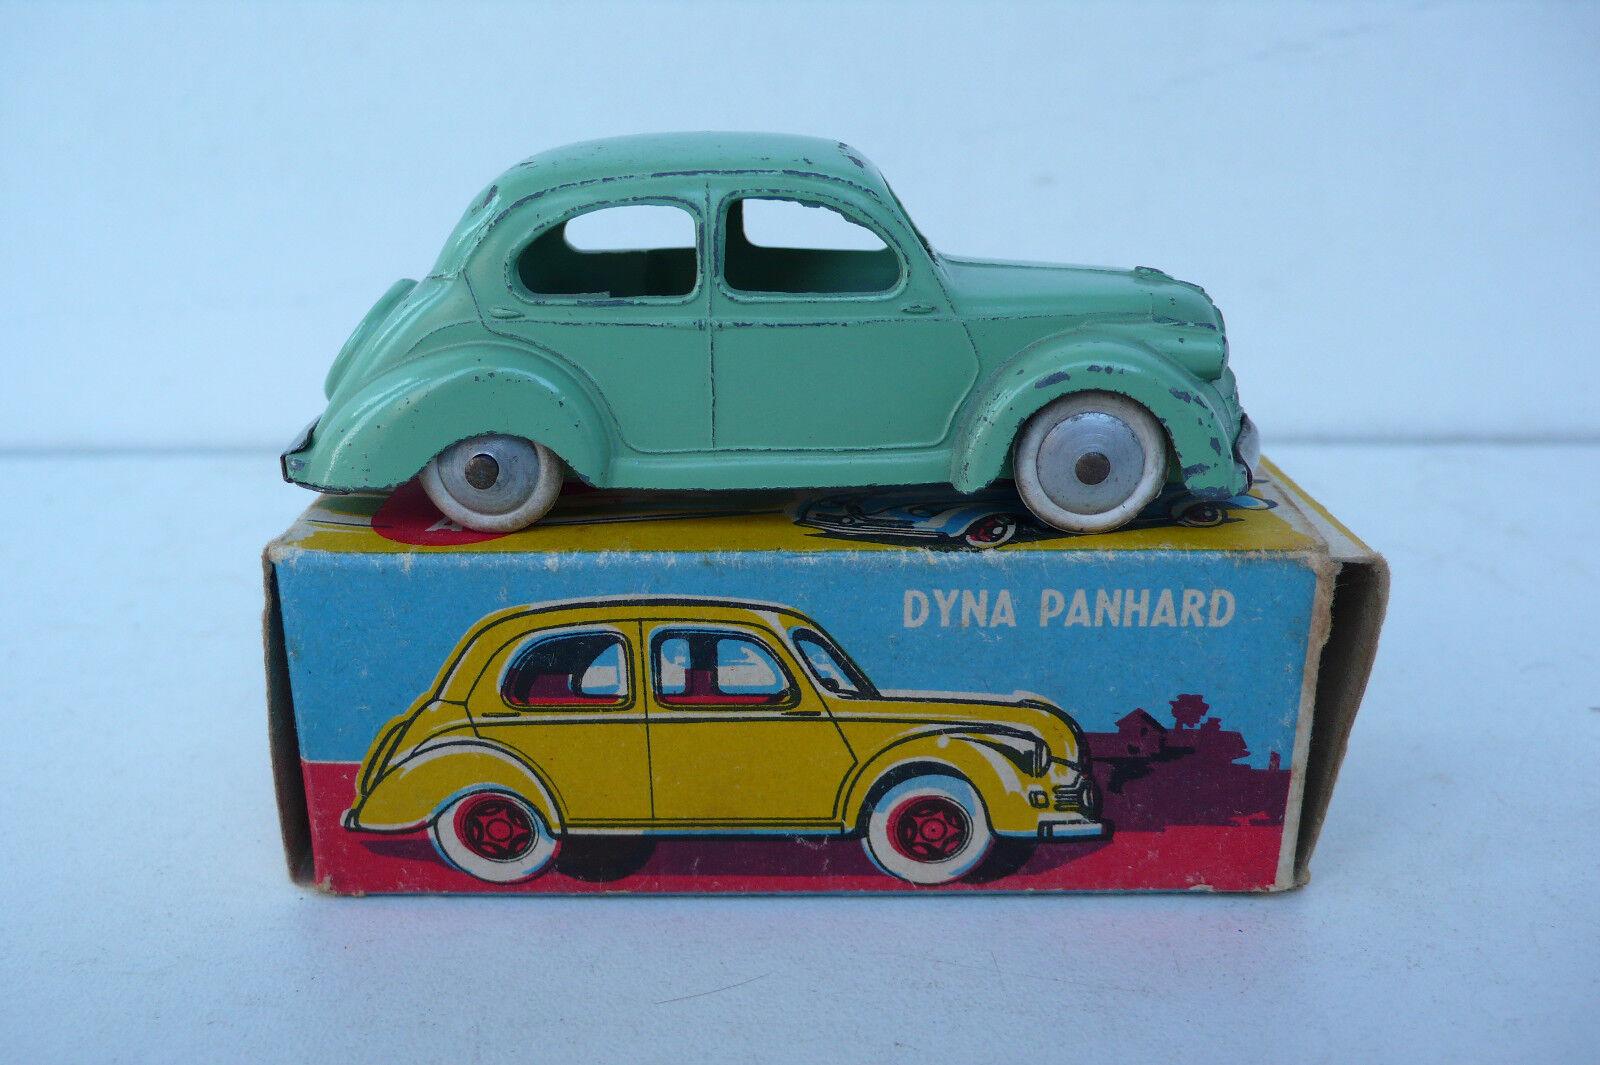 Cij former dyna panhard x 1950  ref 3.47 good Condition original box  bien vendre partout dans le monde